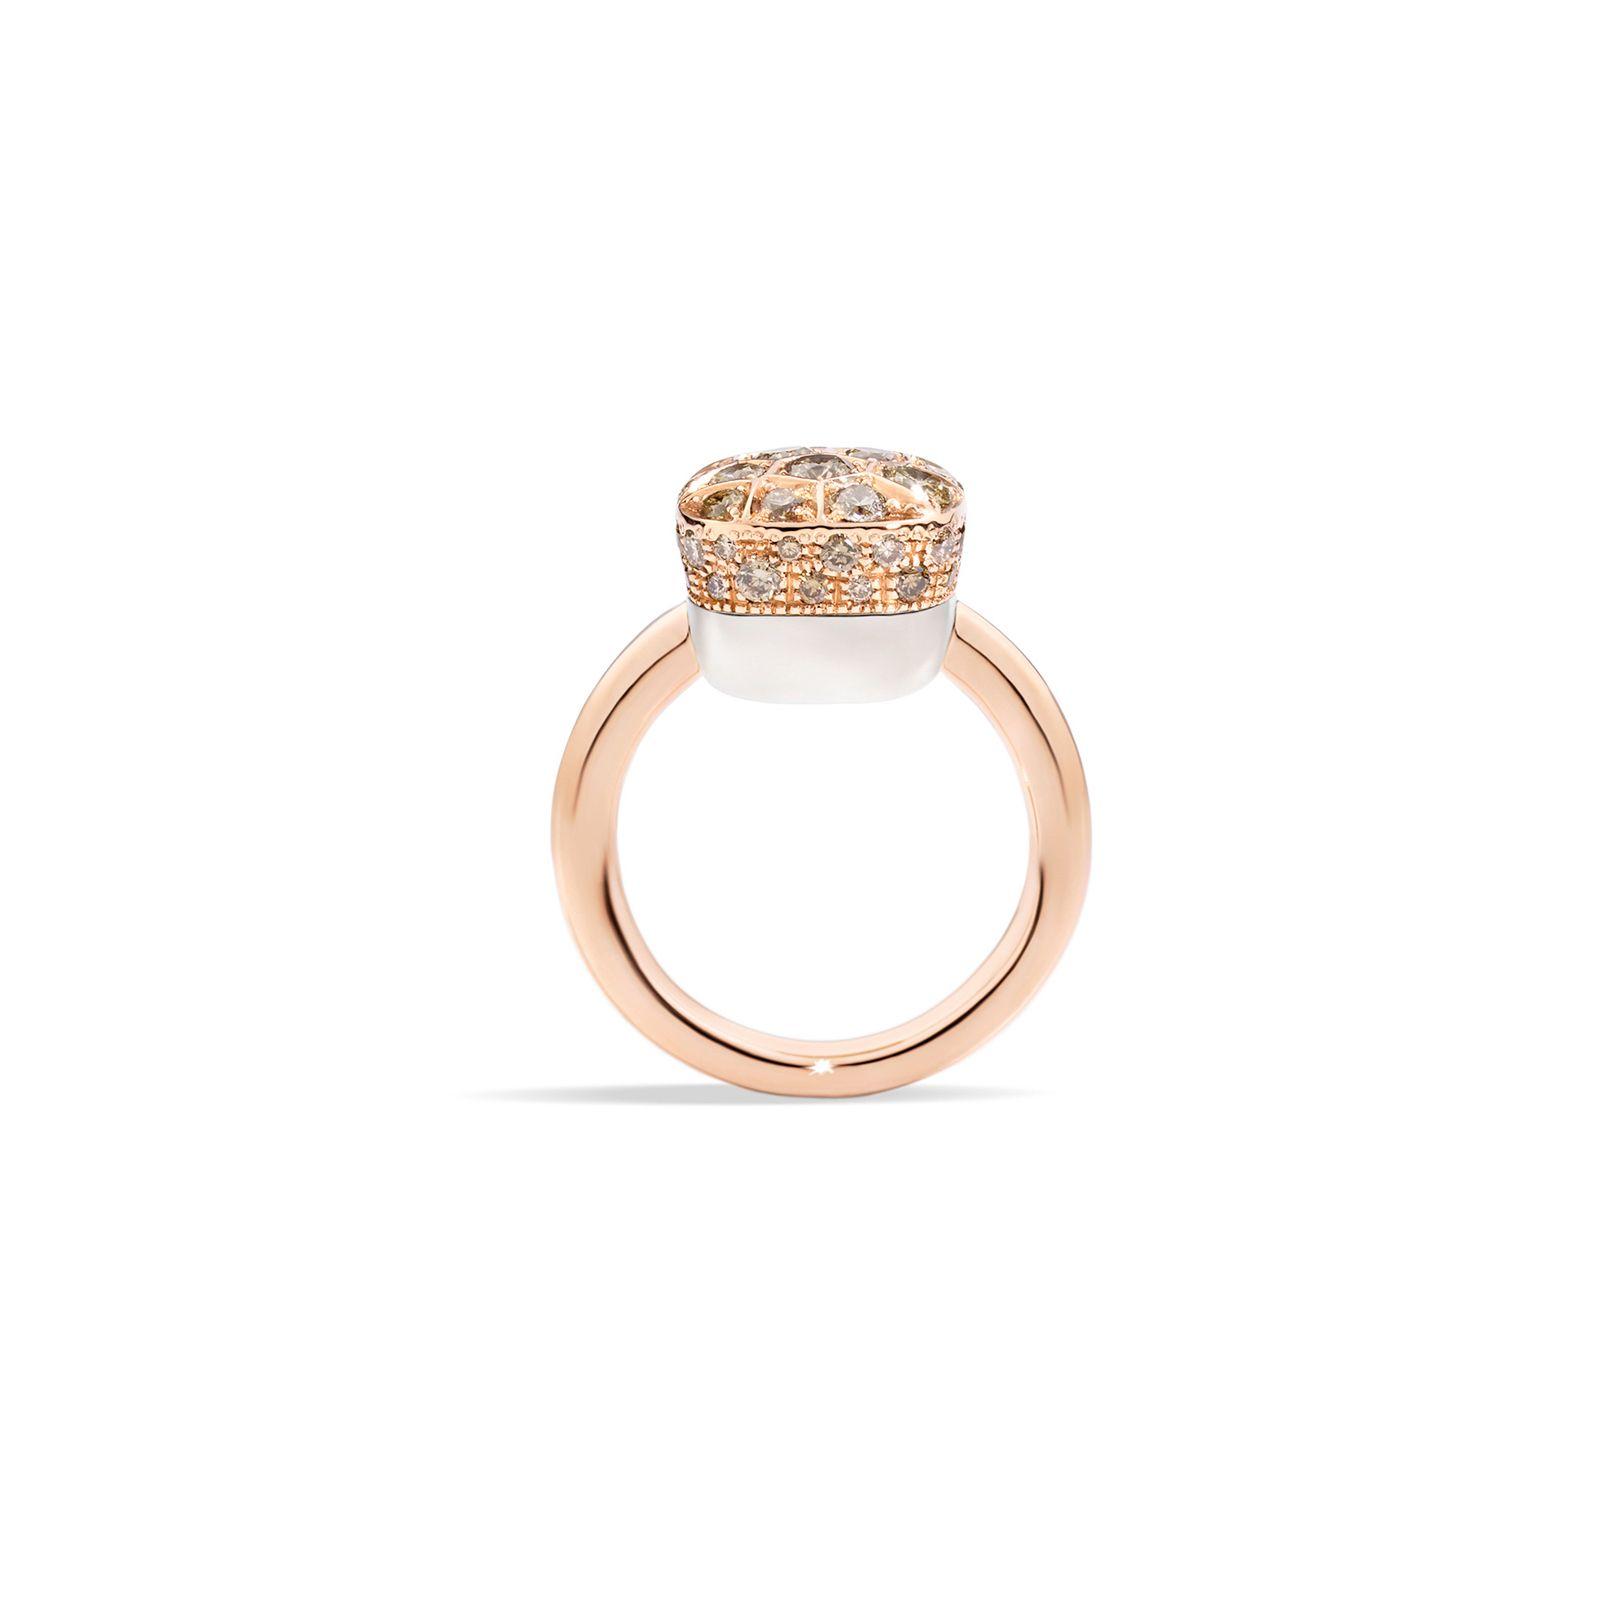 Bague Pomellato Luna en or rose, or blanc et diamants marrons vue 3